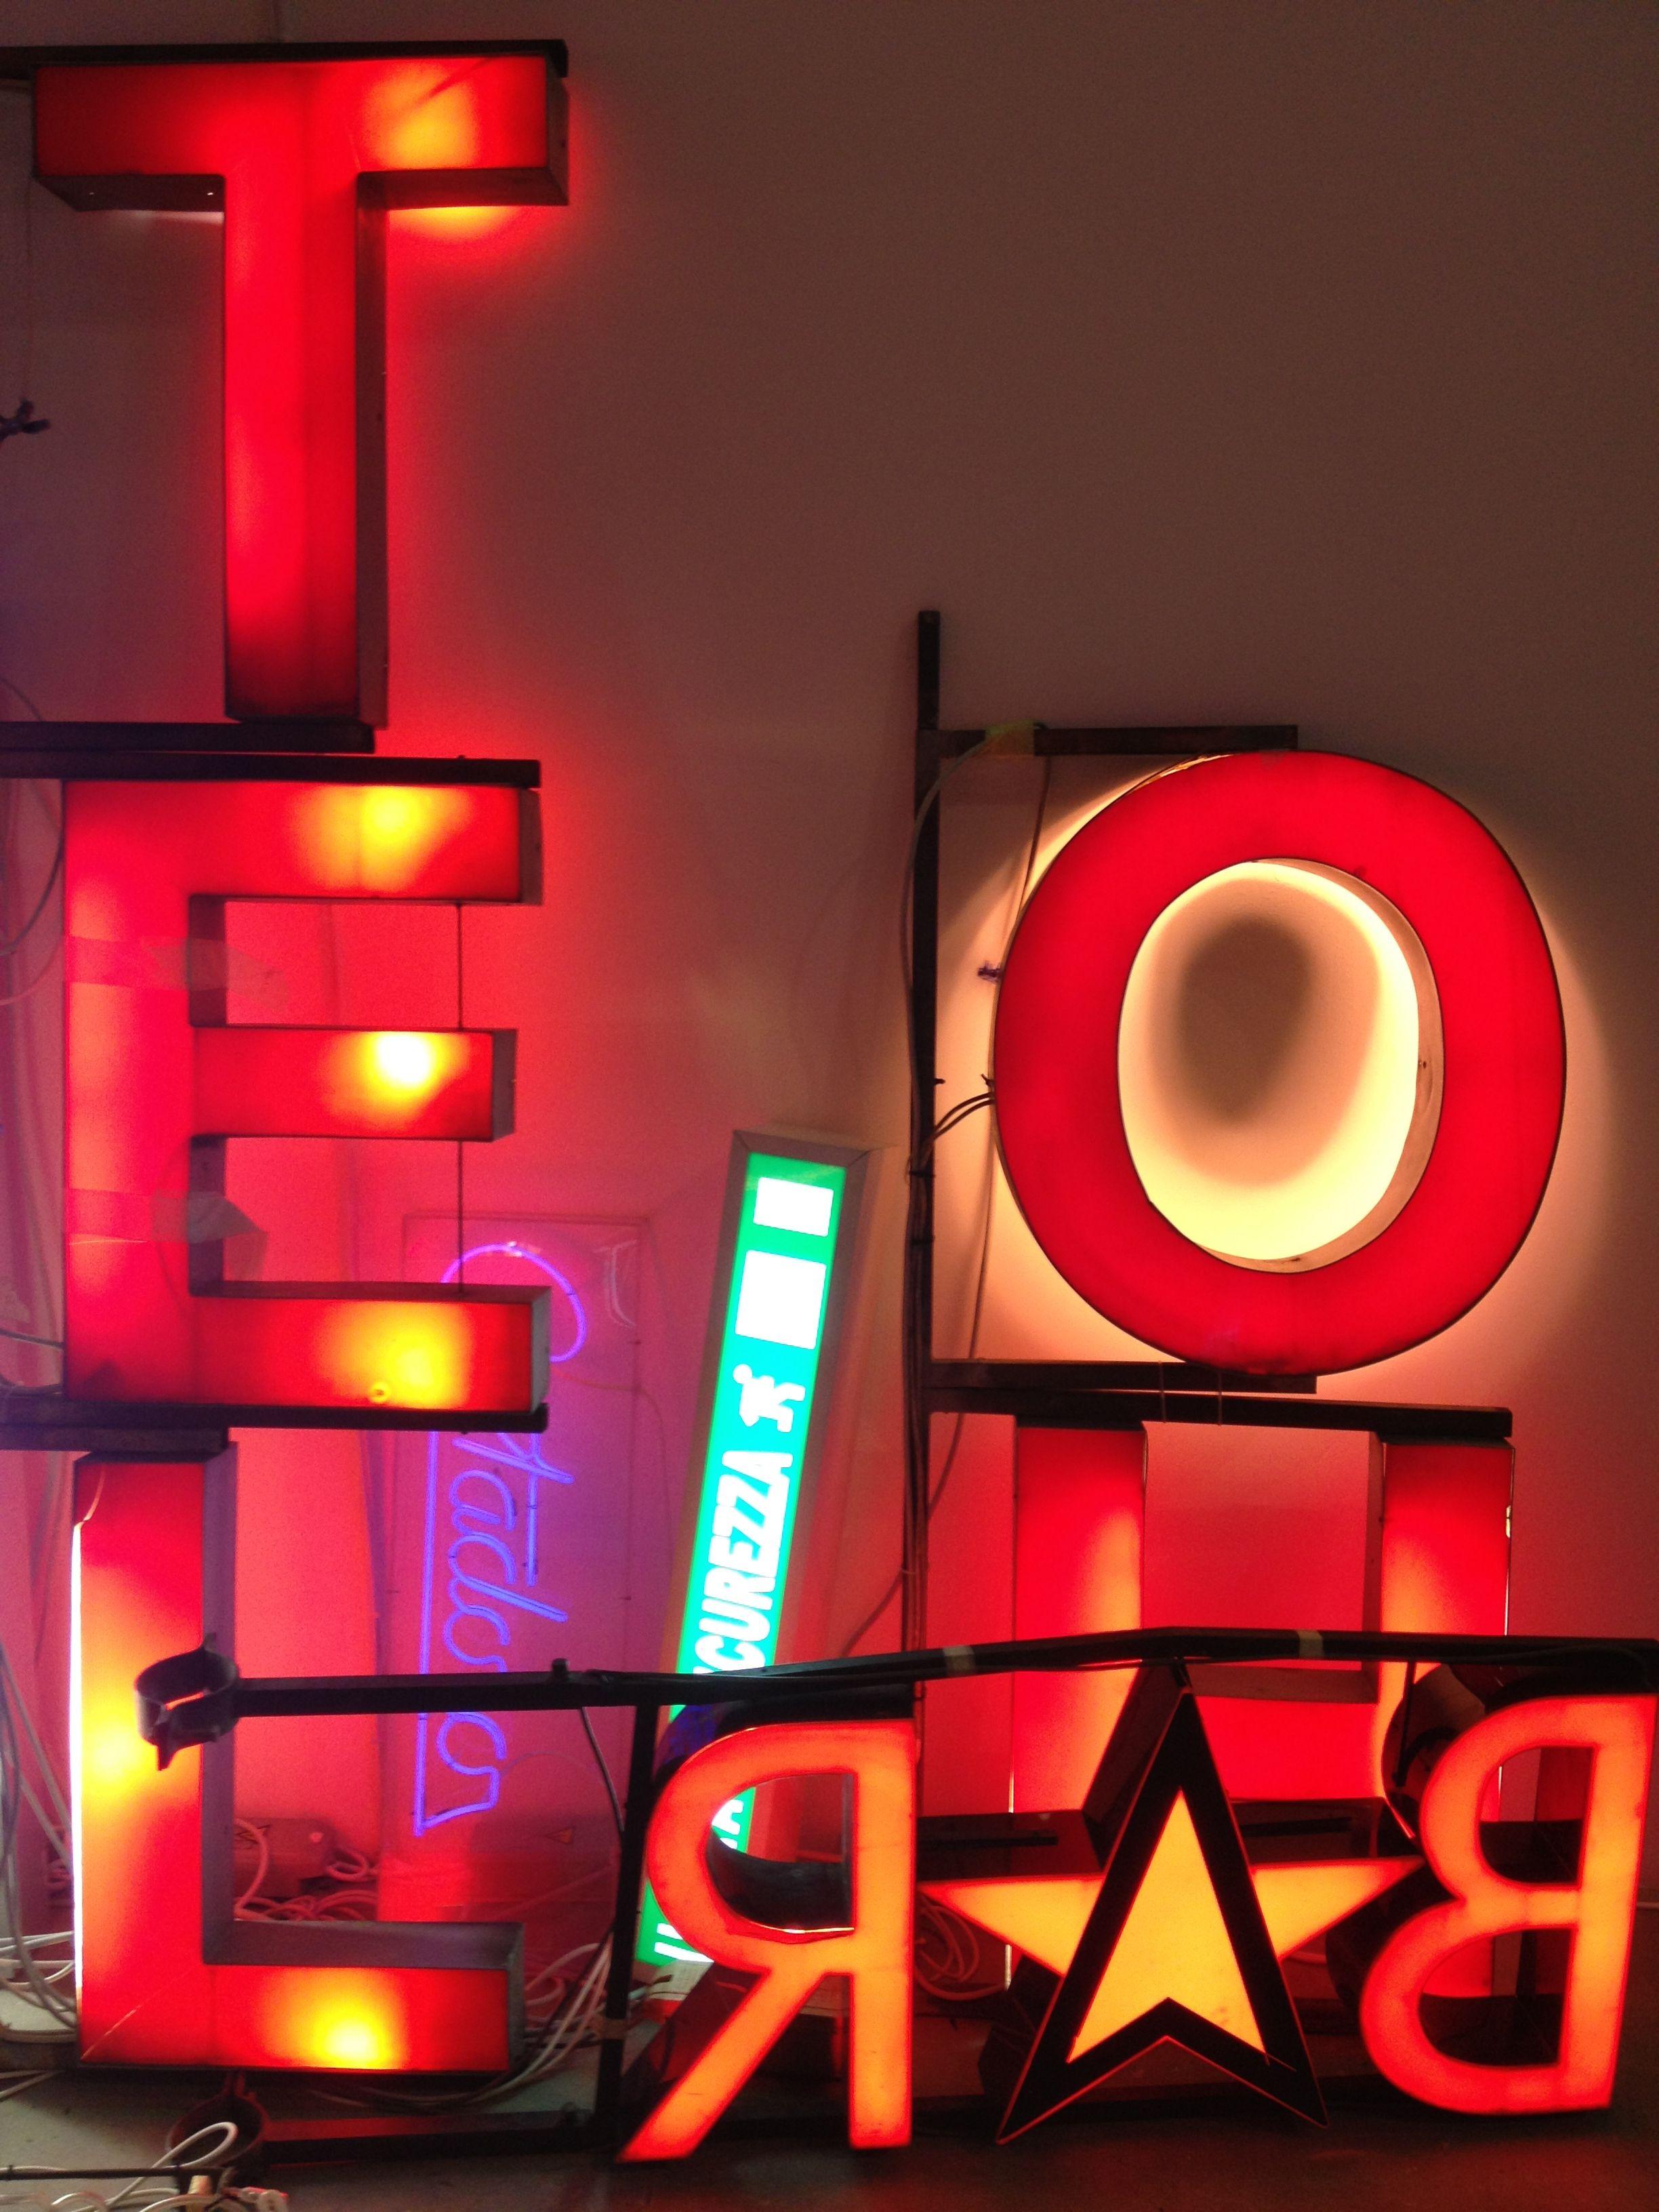 MACRO Museum, Rome - Neon exhibit.